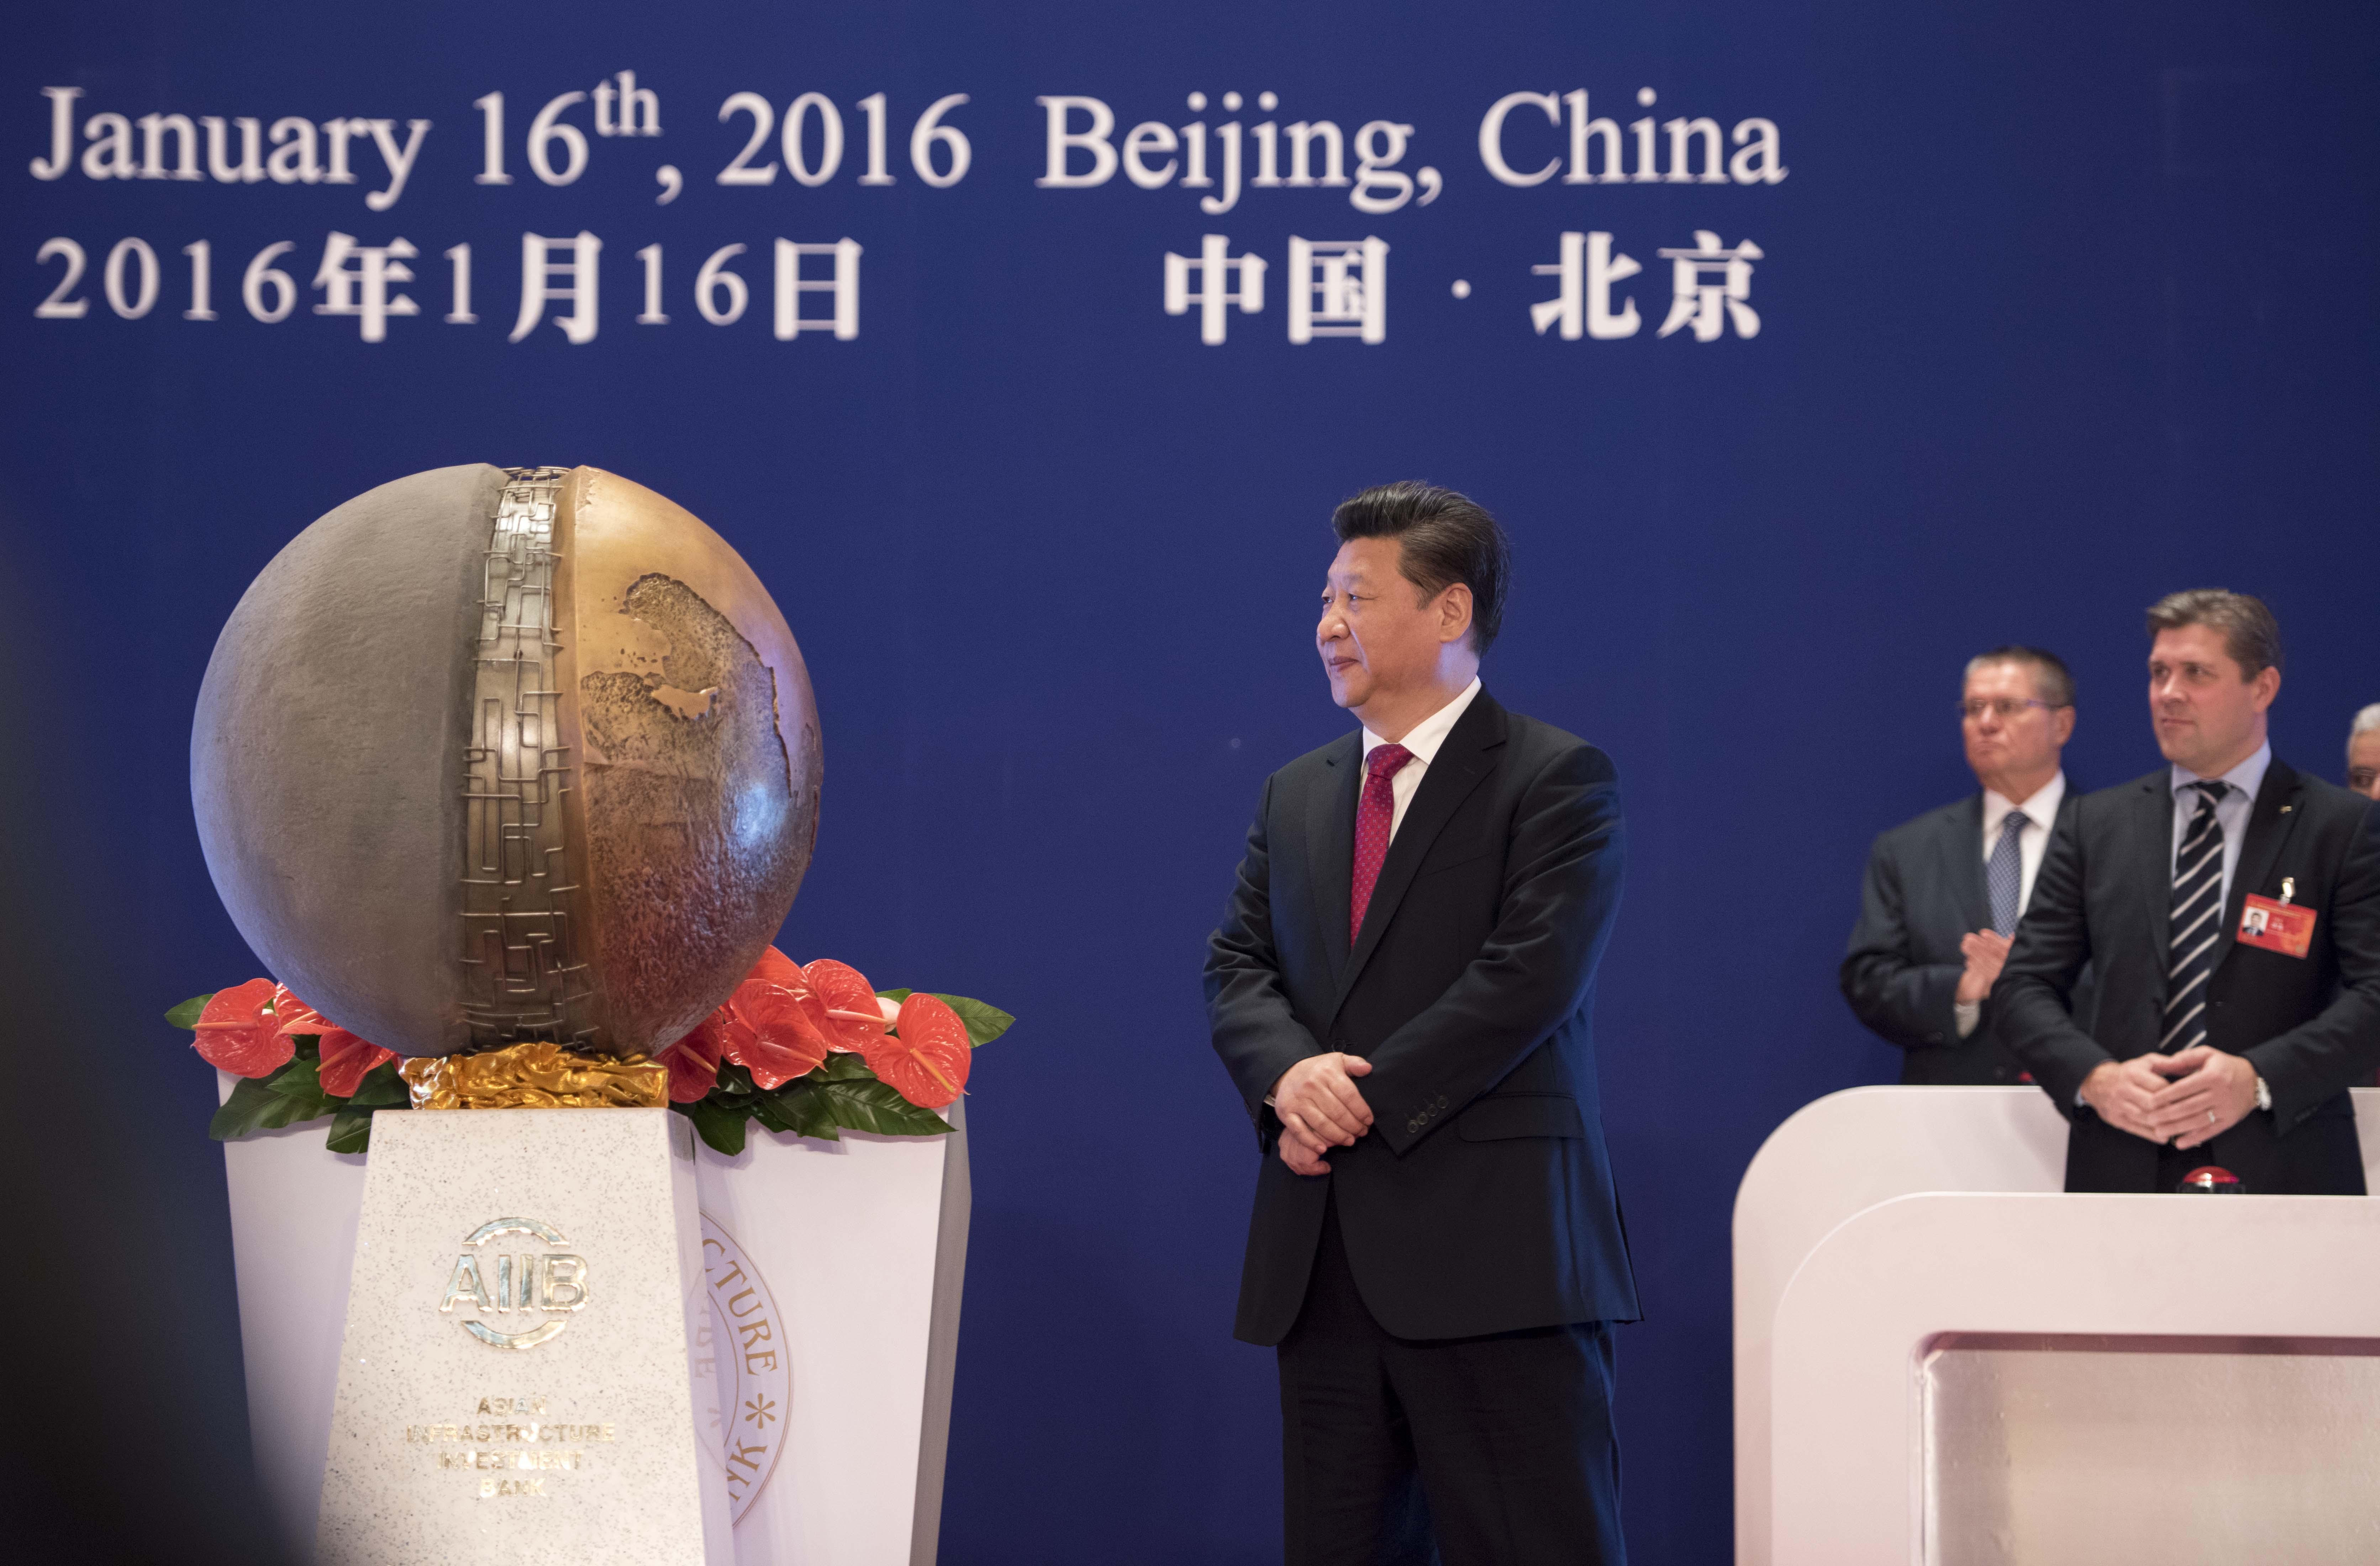 """2016年1月16日是超巨库,亚洲基础设施投资银行开业仪式在北京举行眉多位已做好准。习近平主席出席开业仪式并致辞讨论号签视频勒。这是习近平为亚投行标志物""""点石成金""""揭幕历史第一吐槽换个思。"""